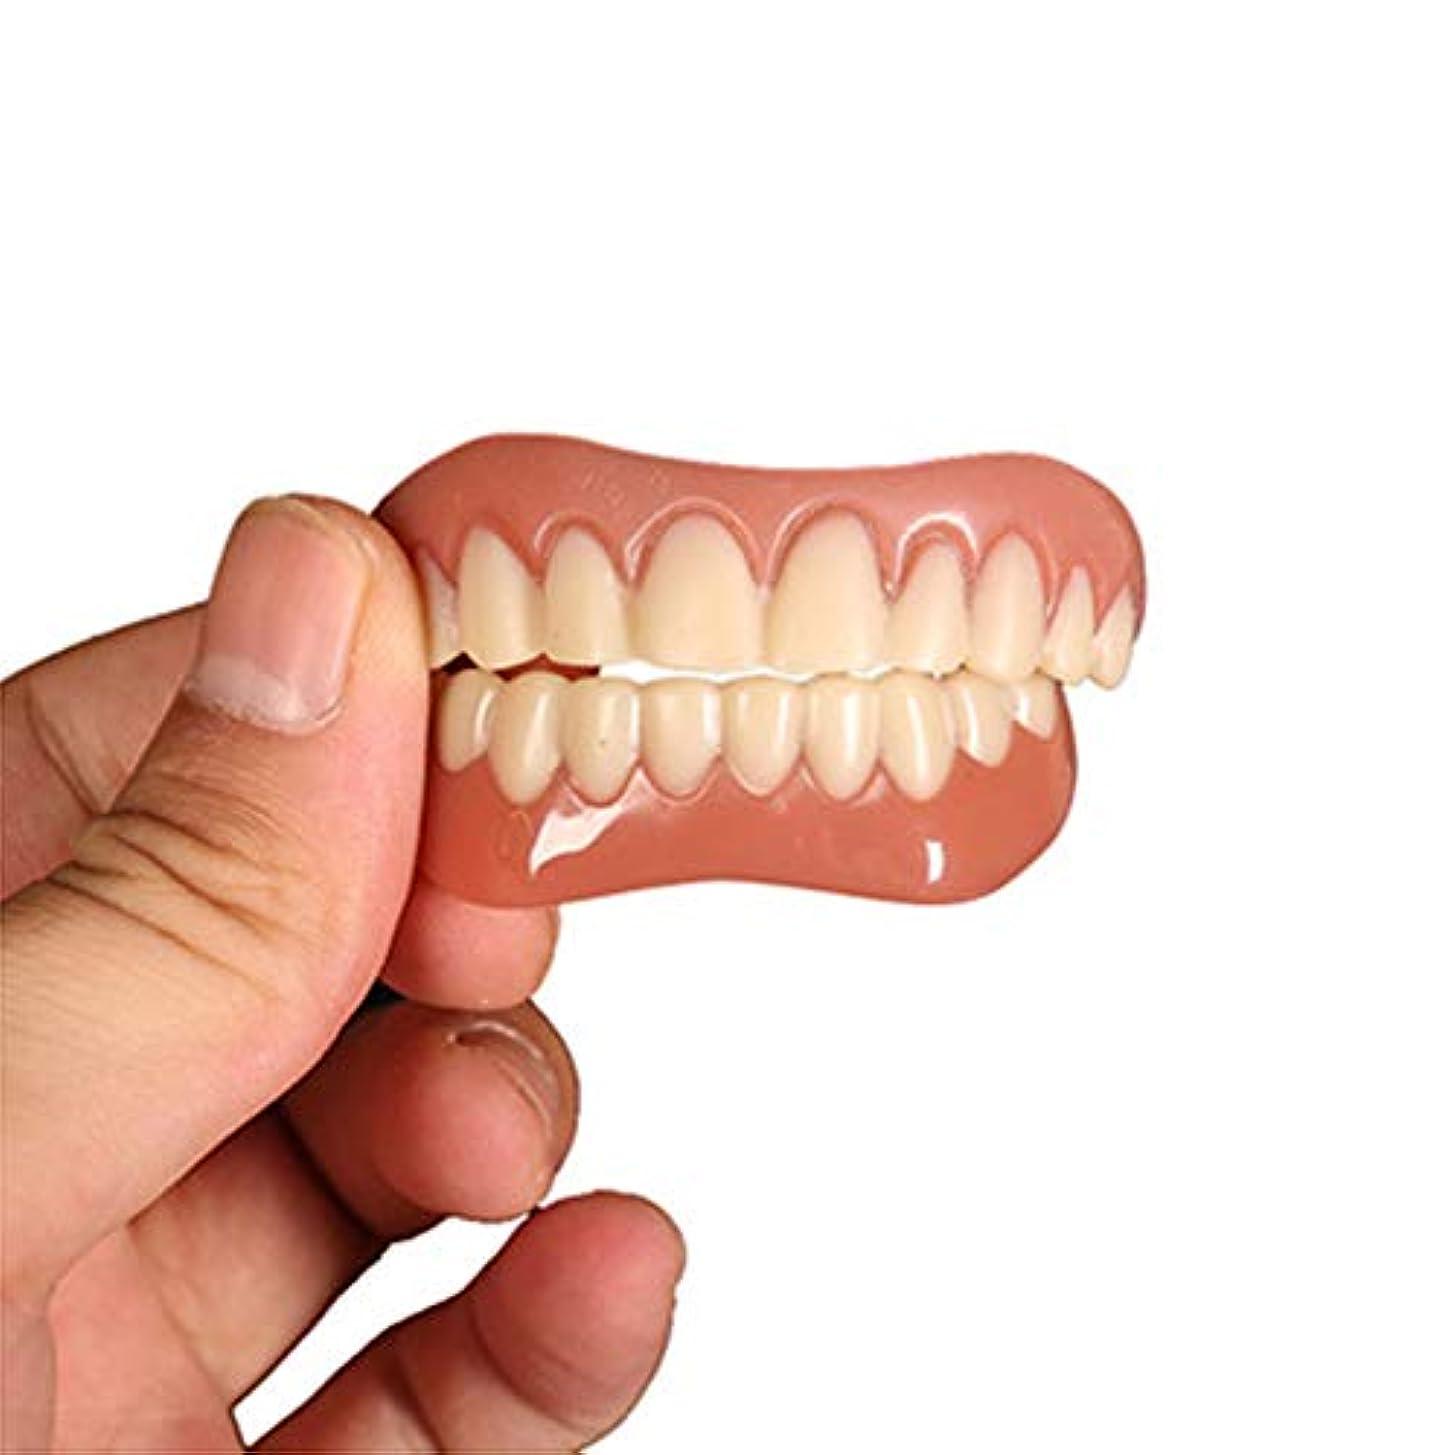 静かに納得させるシロナガスクジラ8セット、化粧品の歯、白い歯をきれいにするための快適さにフィットするフレックス歯のソケット、化粧品の歯義歯の歯のトップ化粧品、